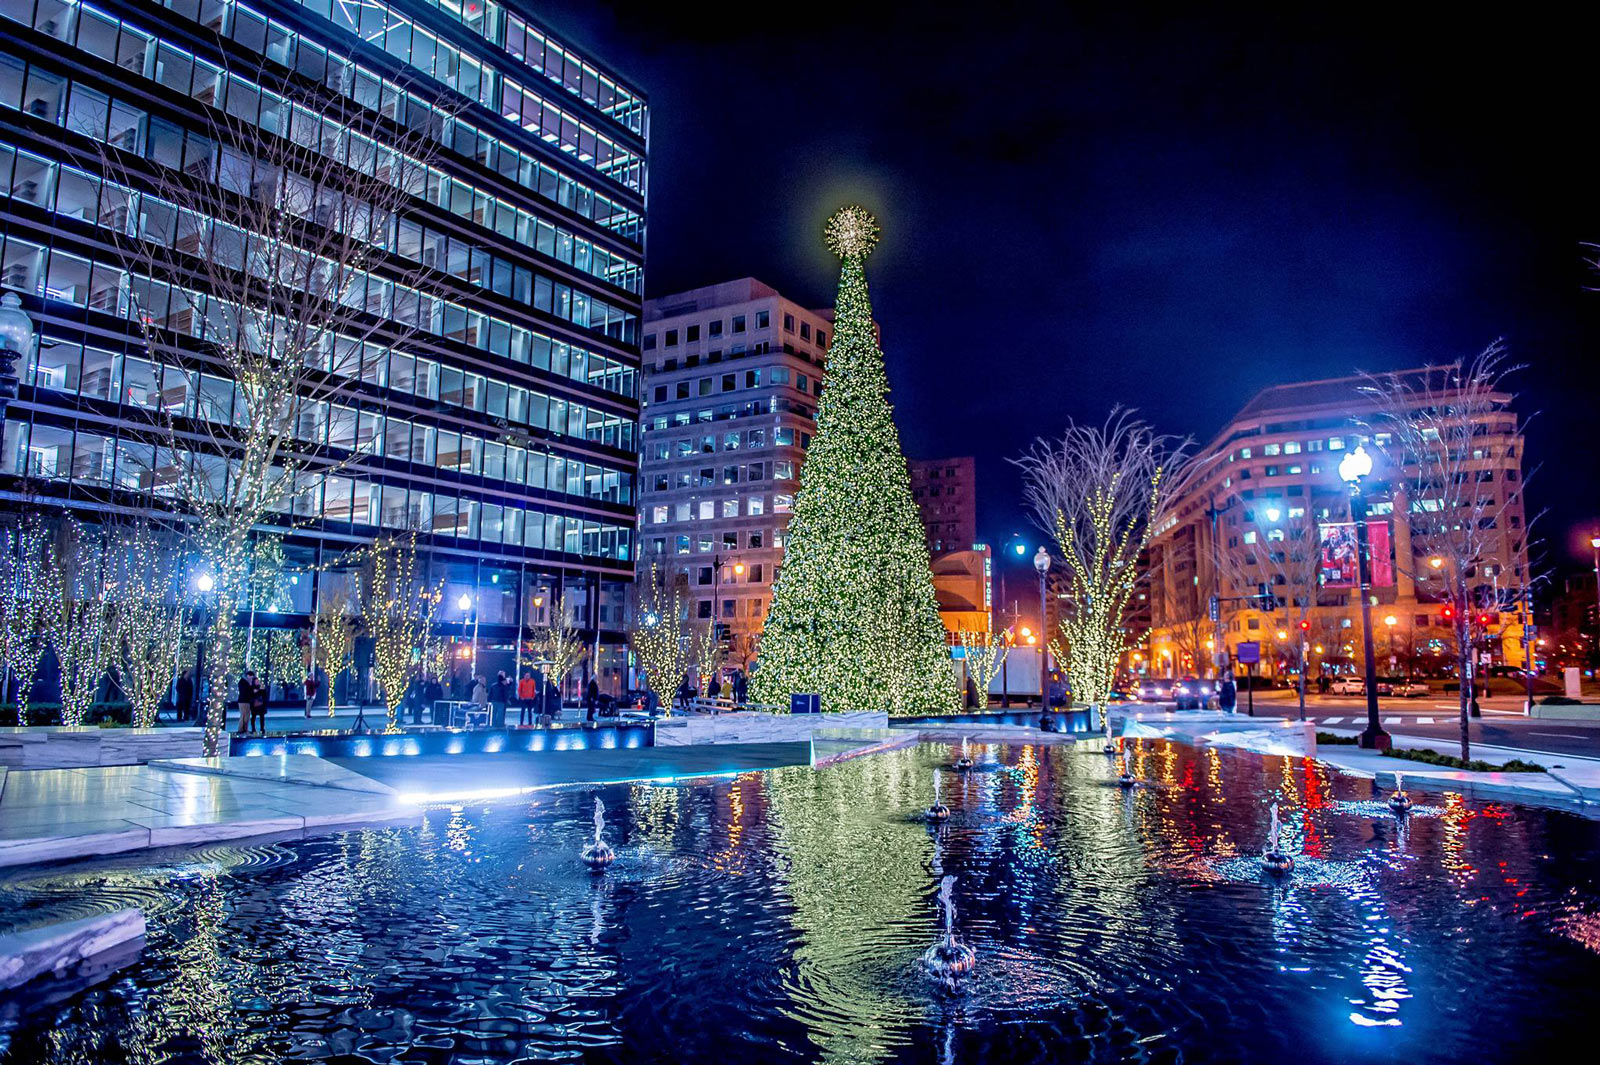 Dr Who Christmas Tree